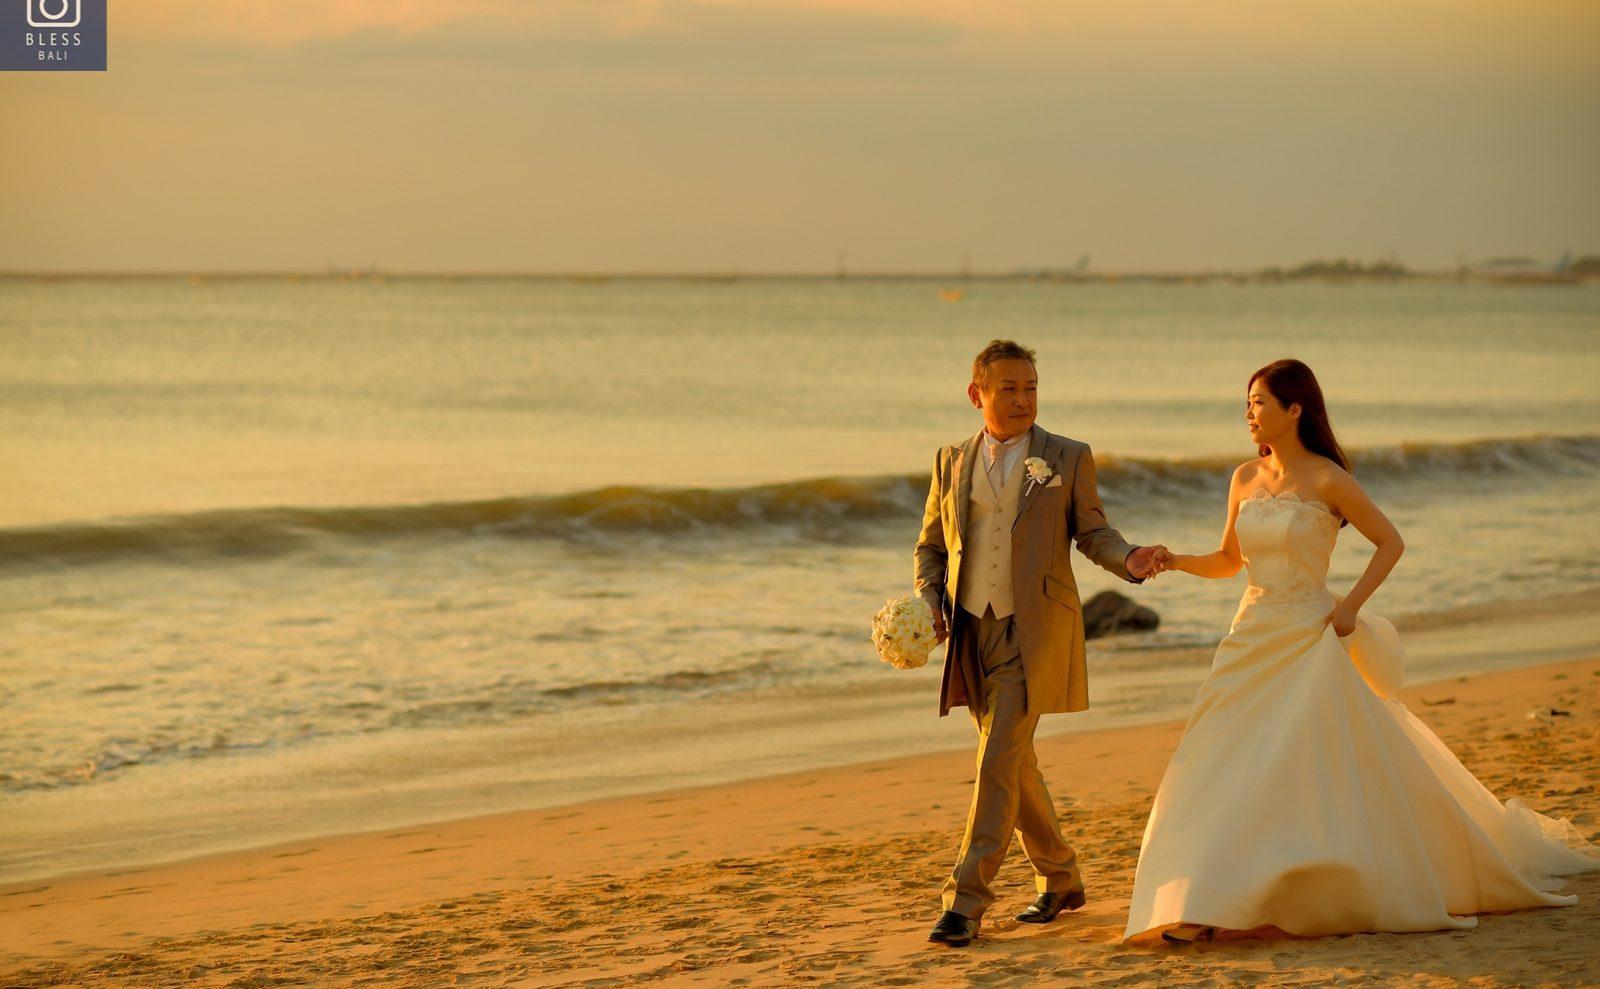 【お客様レポ#208】ヌサドゥア教会&ジンバランビーチで撮影 M&Y様